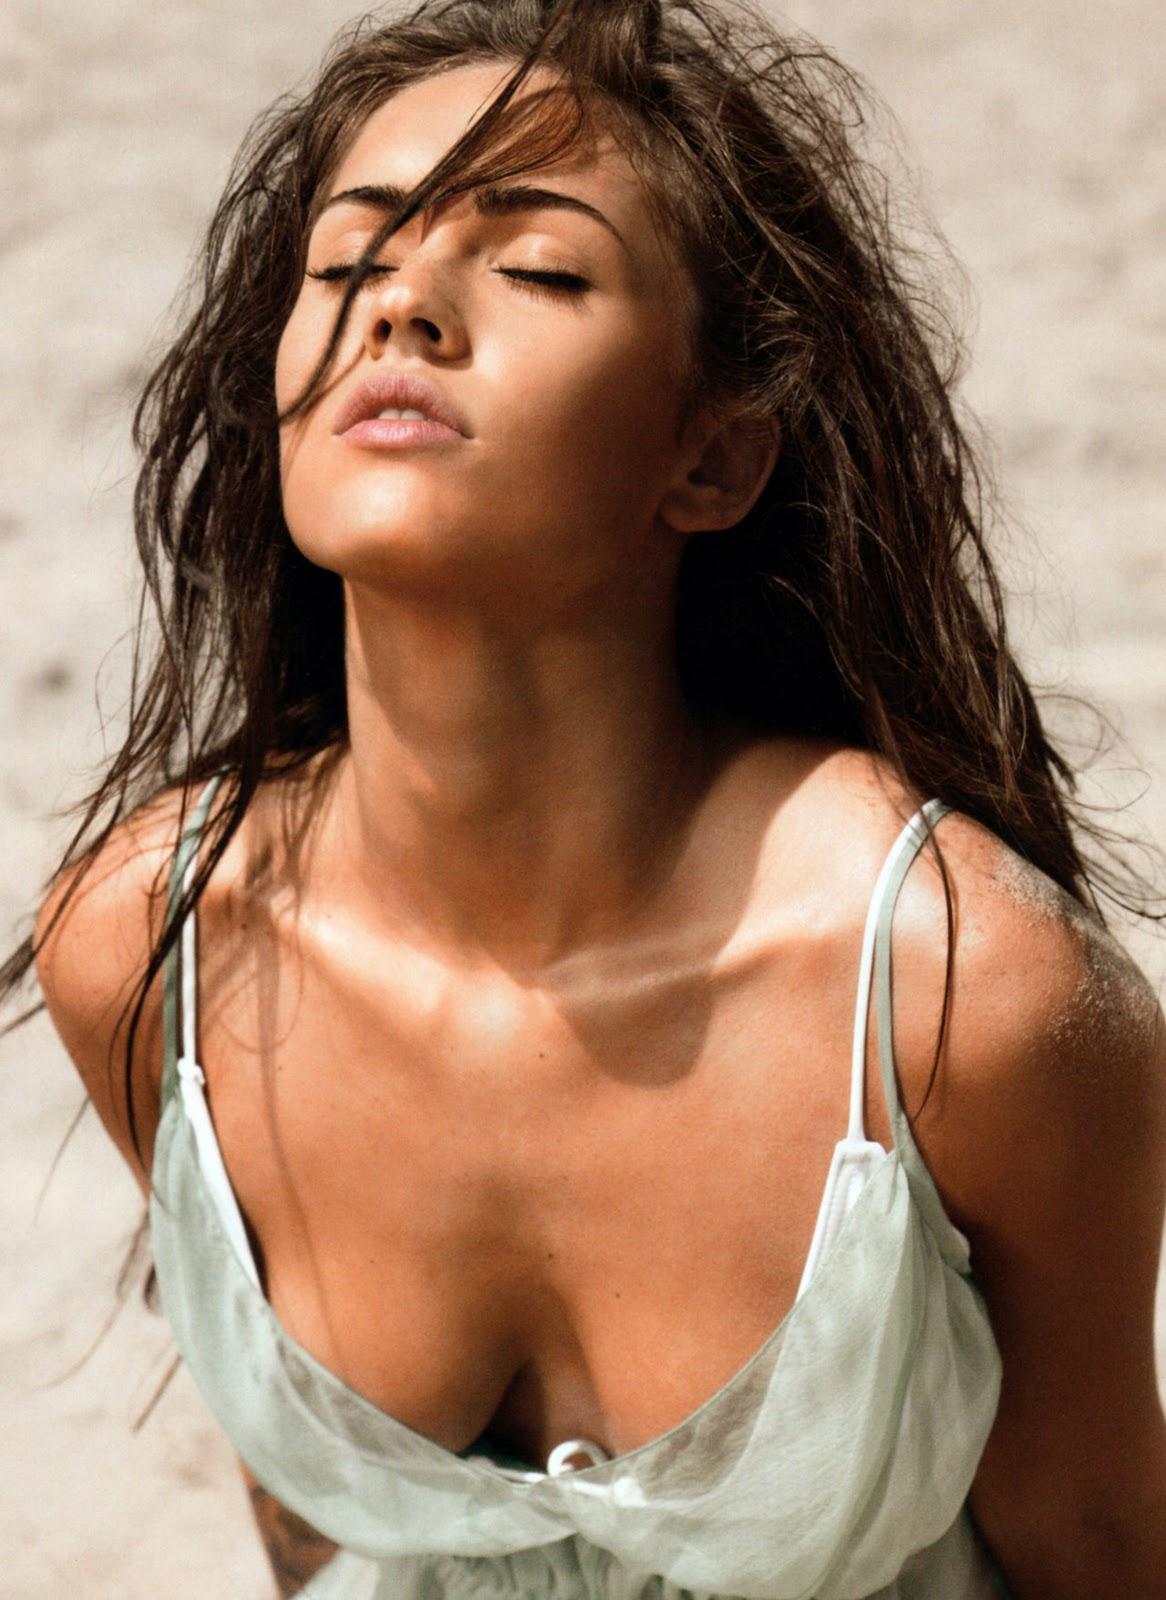 Bikini Model In The World Megan Fox Showing Abs In Sexy Bikini Photo Gallery